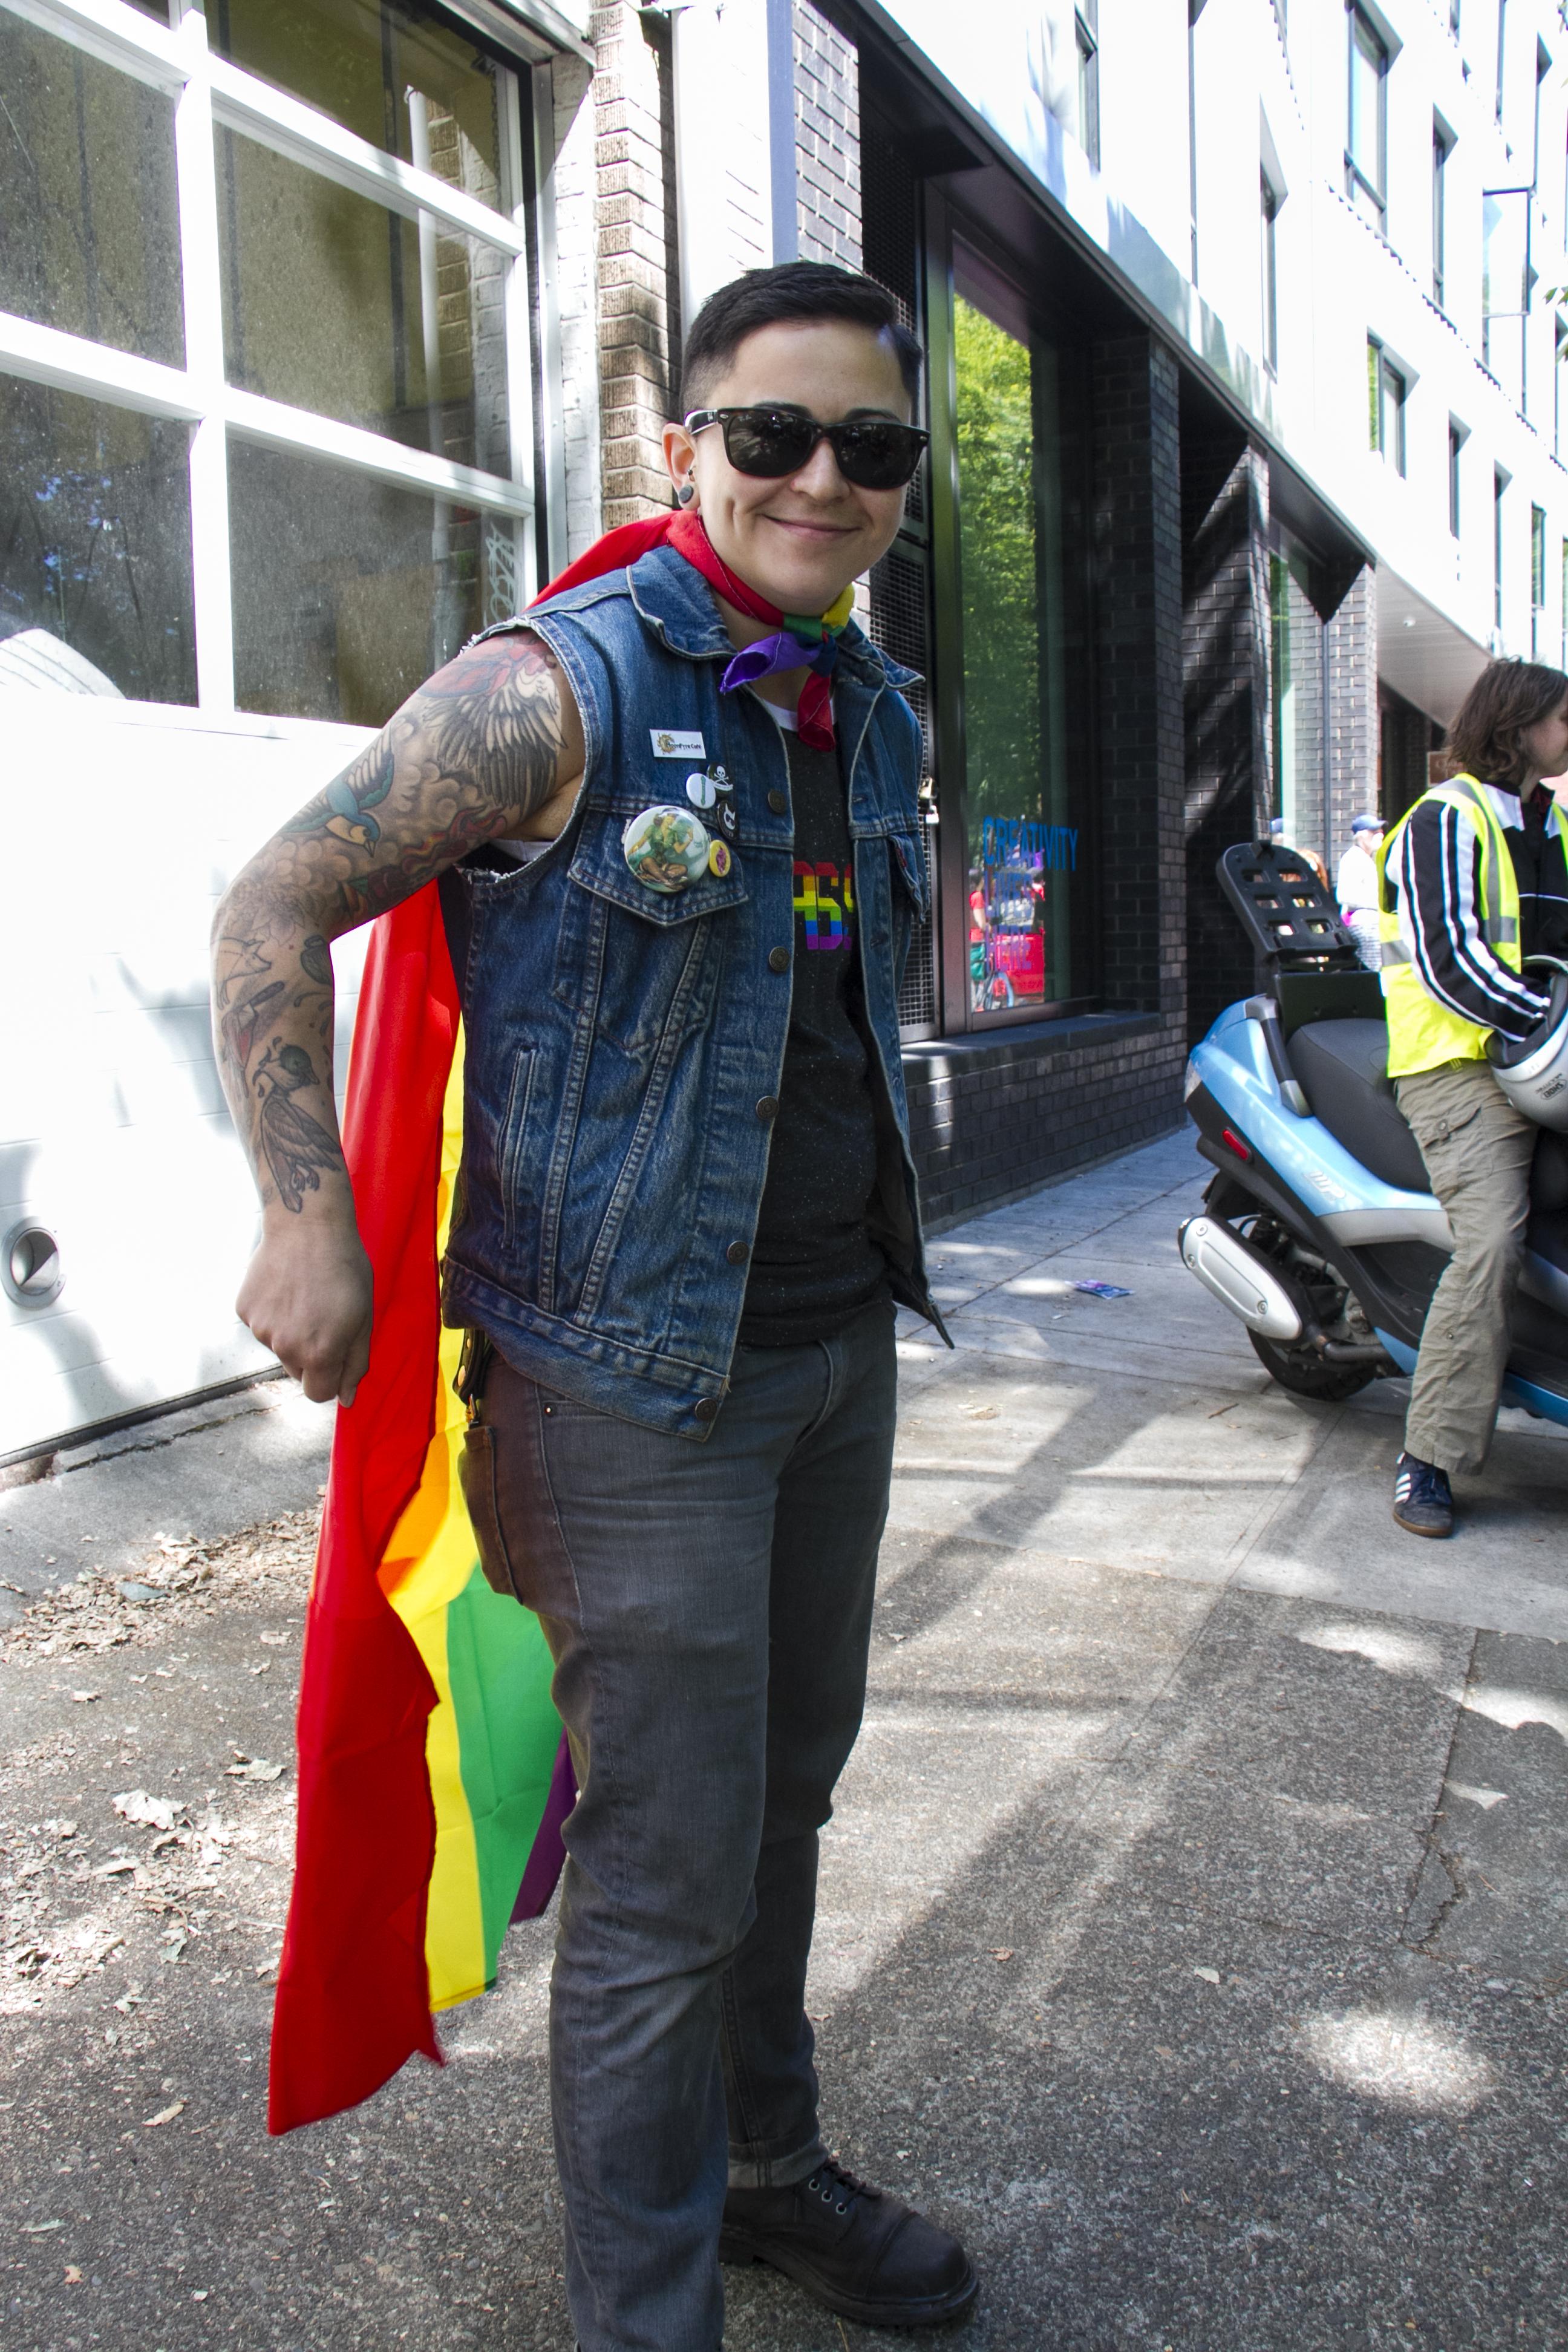 Portland Pride Parade 2016 - Willamette Week